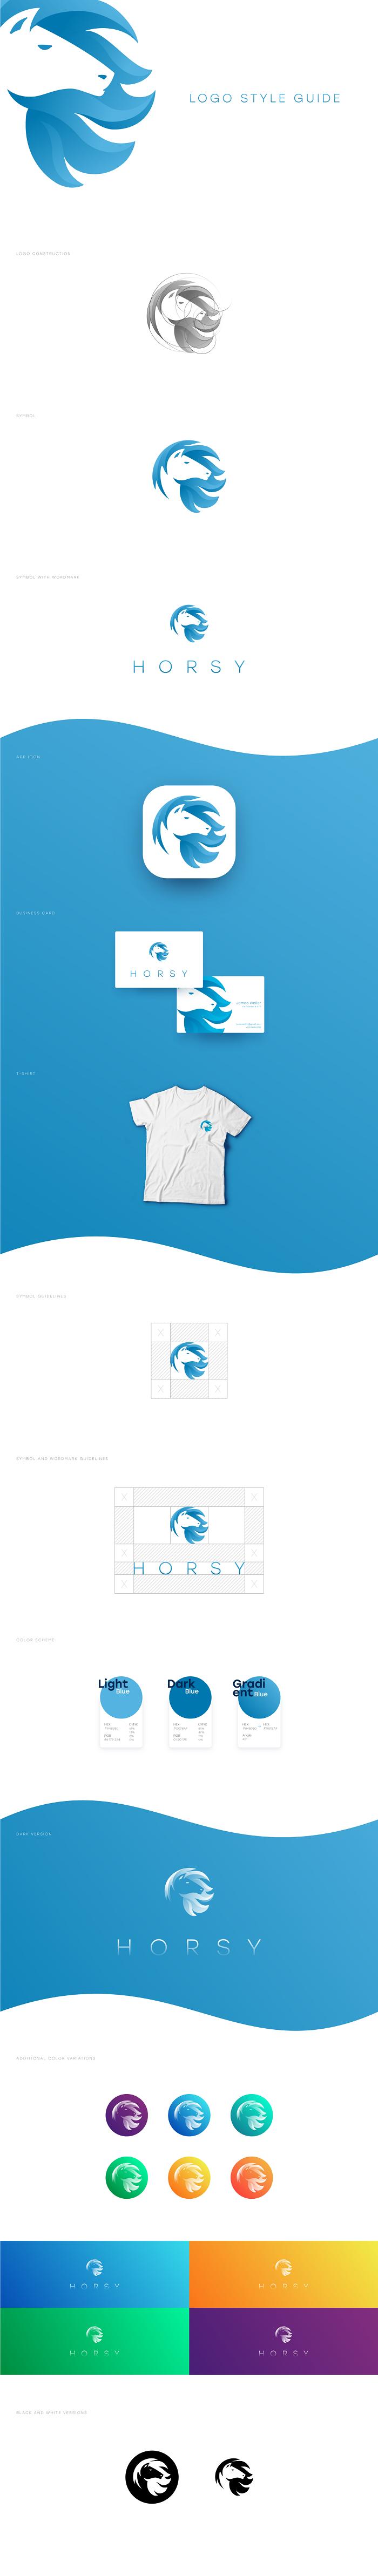 logo style guide branding design